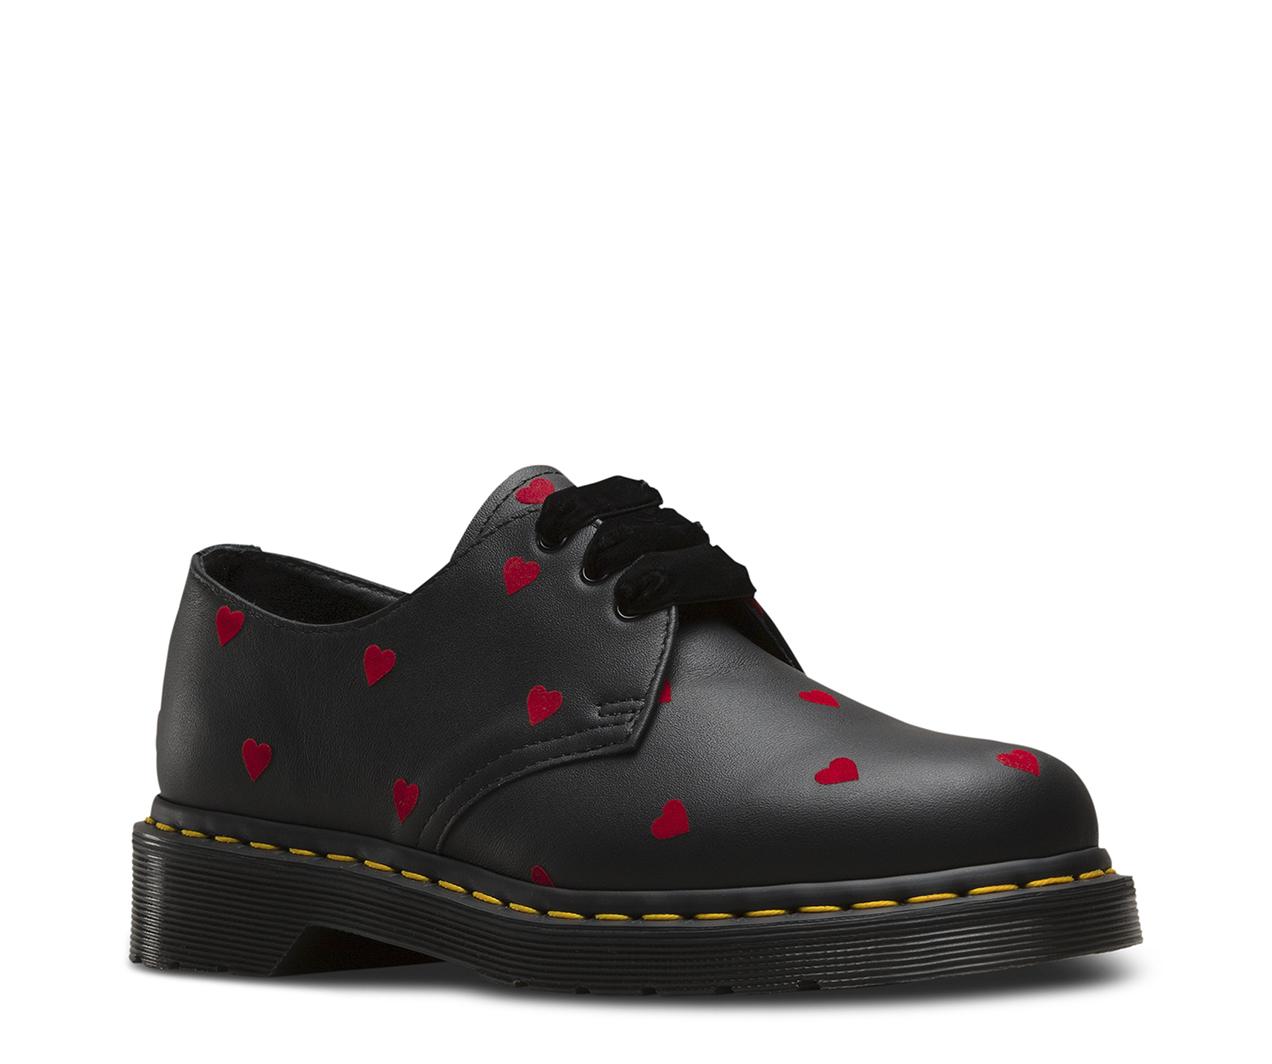 lazy oaf 1461 women 39 s shoes official dr martens store. Black Bedroom Furniture Sets. Home Design Ideas